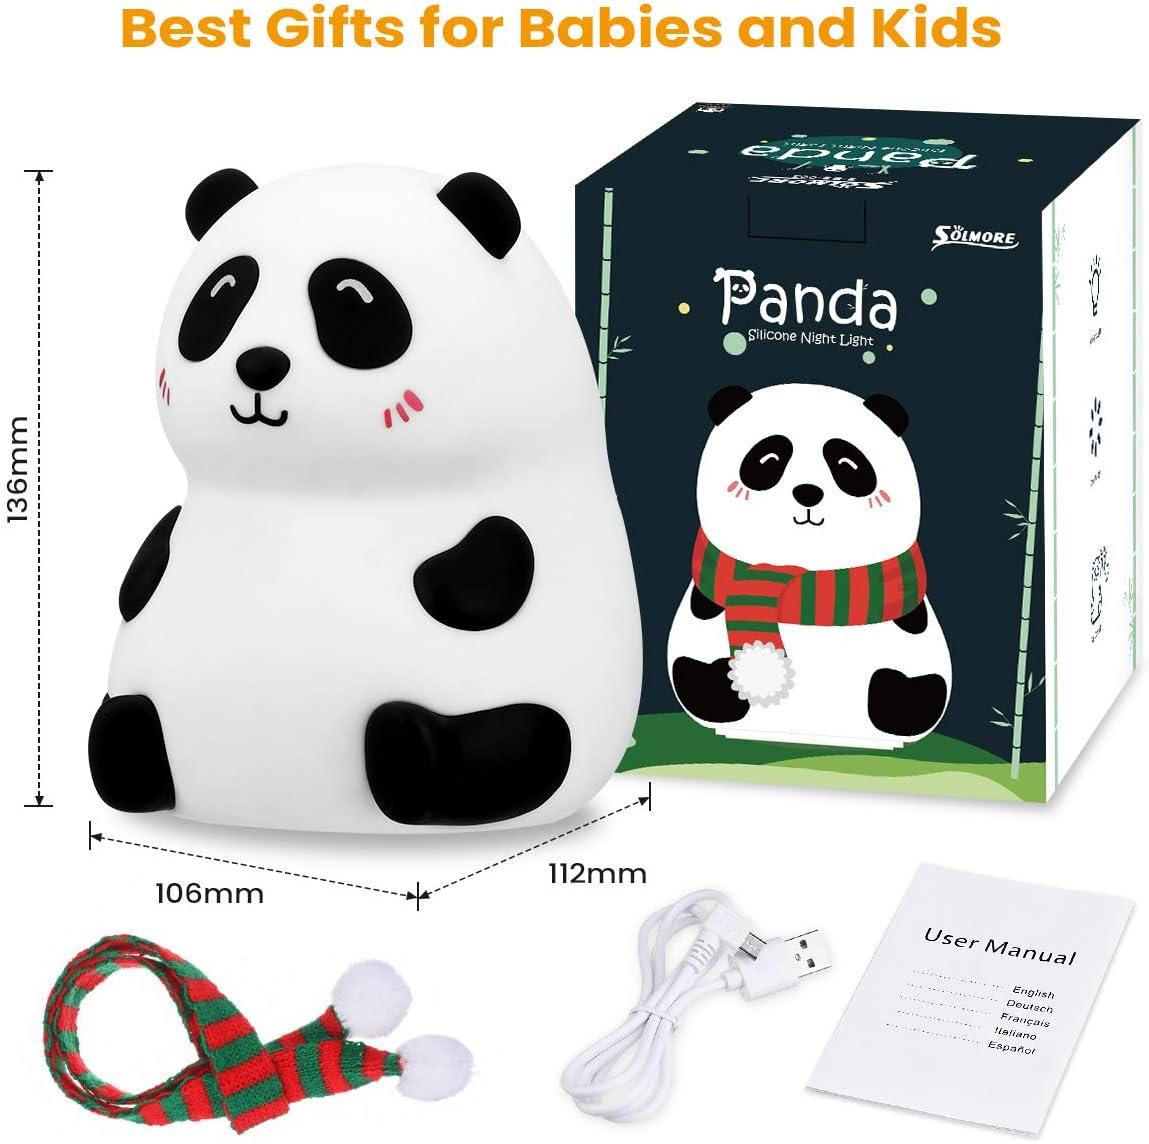 SOLMORE Panda Luz Nocturna Infantil L/ámpara para Beb/é en Silicona Suave con 7 Colores Cari/ñoso Regalo de Cumplea/ños y Fiestas USB Recargable L/ámpara Infantil LED Multicolores